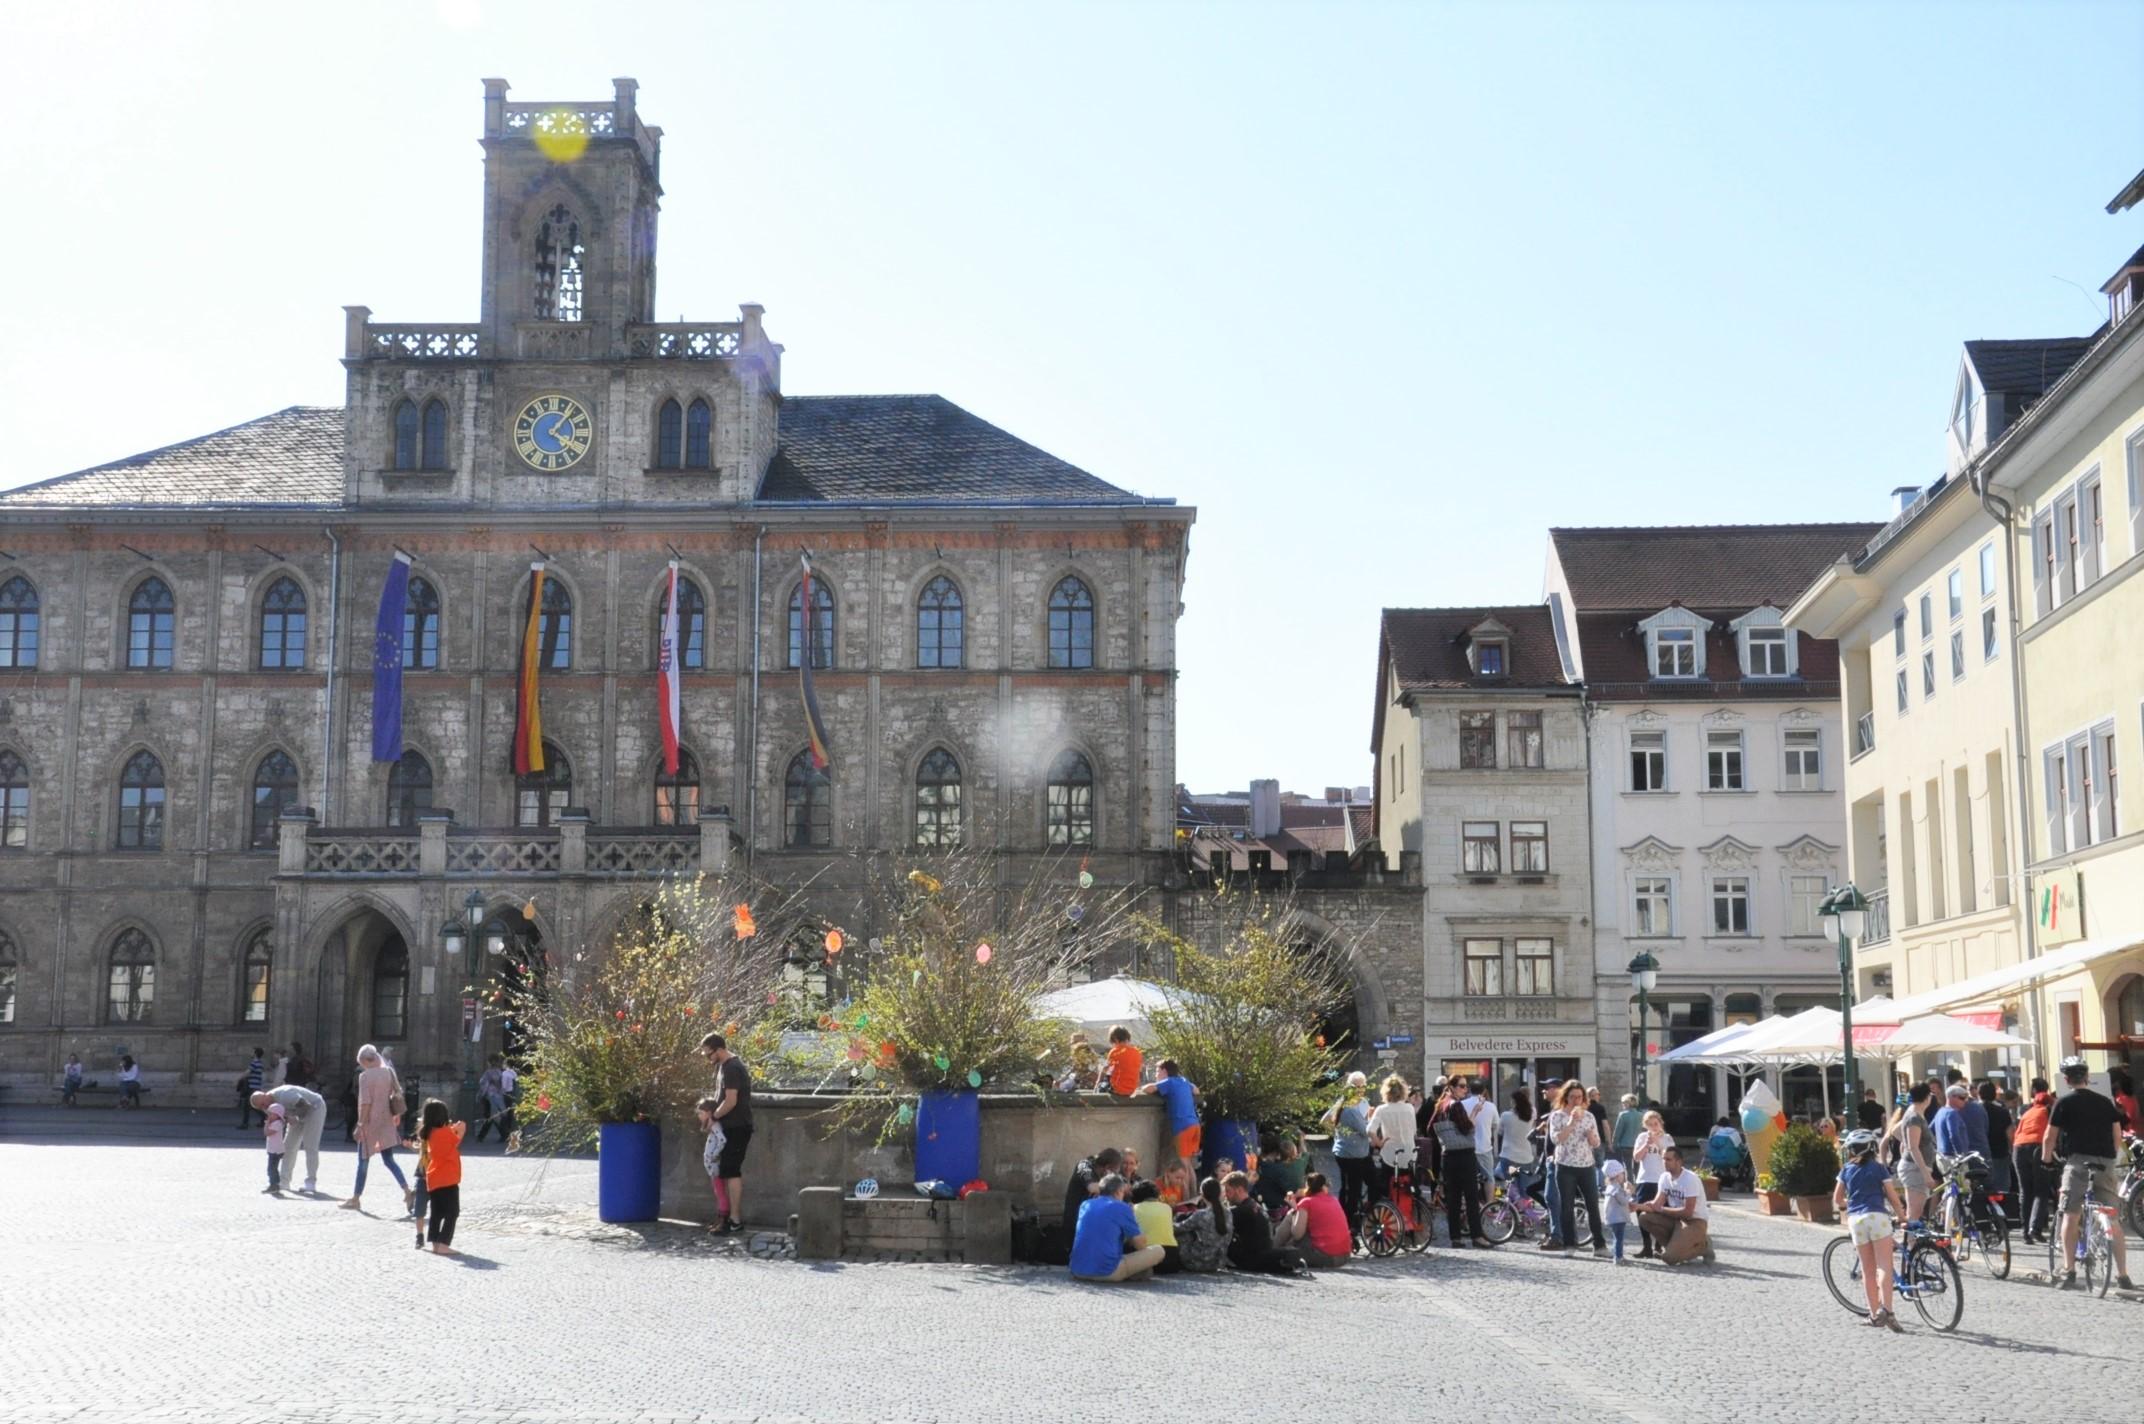 Rathausplatz Historischer Stadtrundgang durch Weimar - Duchess Anna Amalia Library - (24)